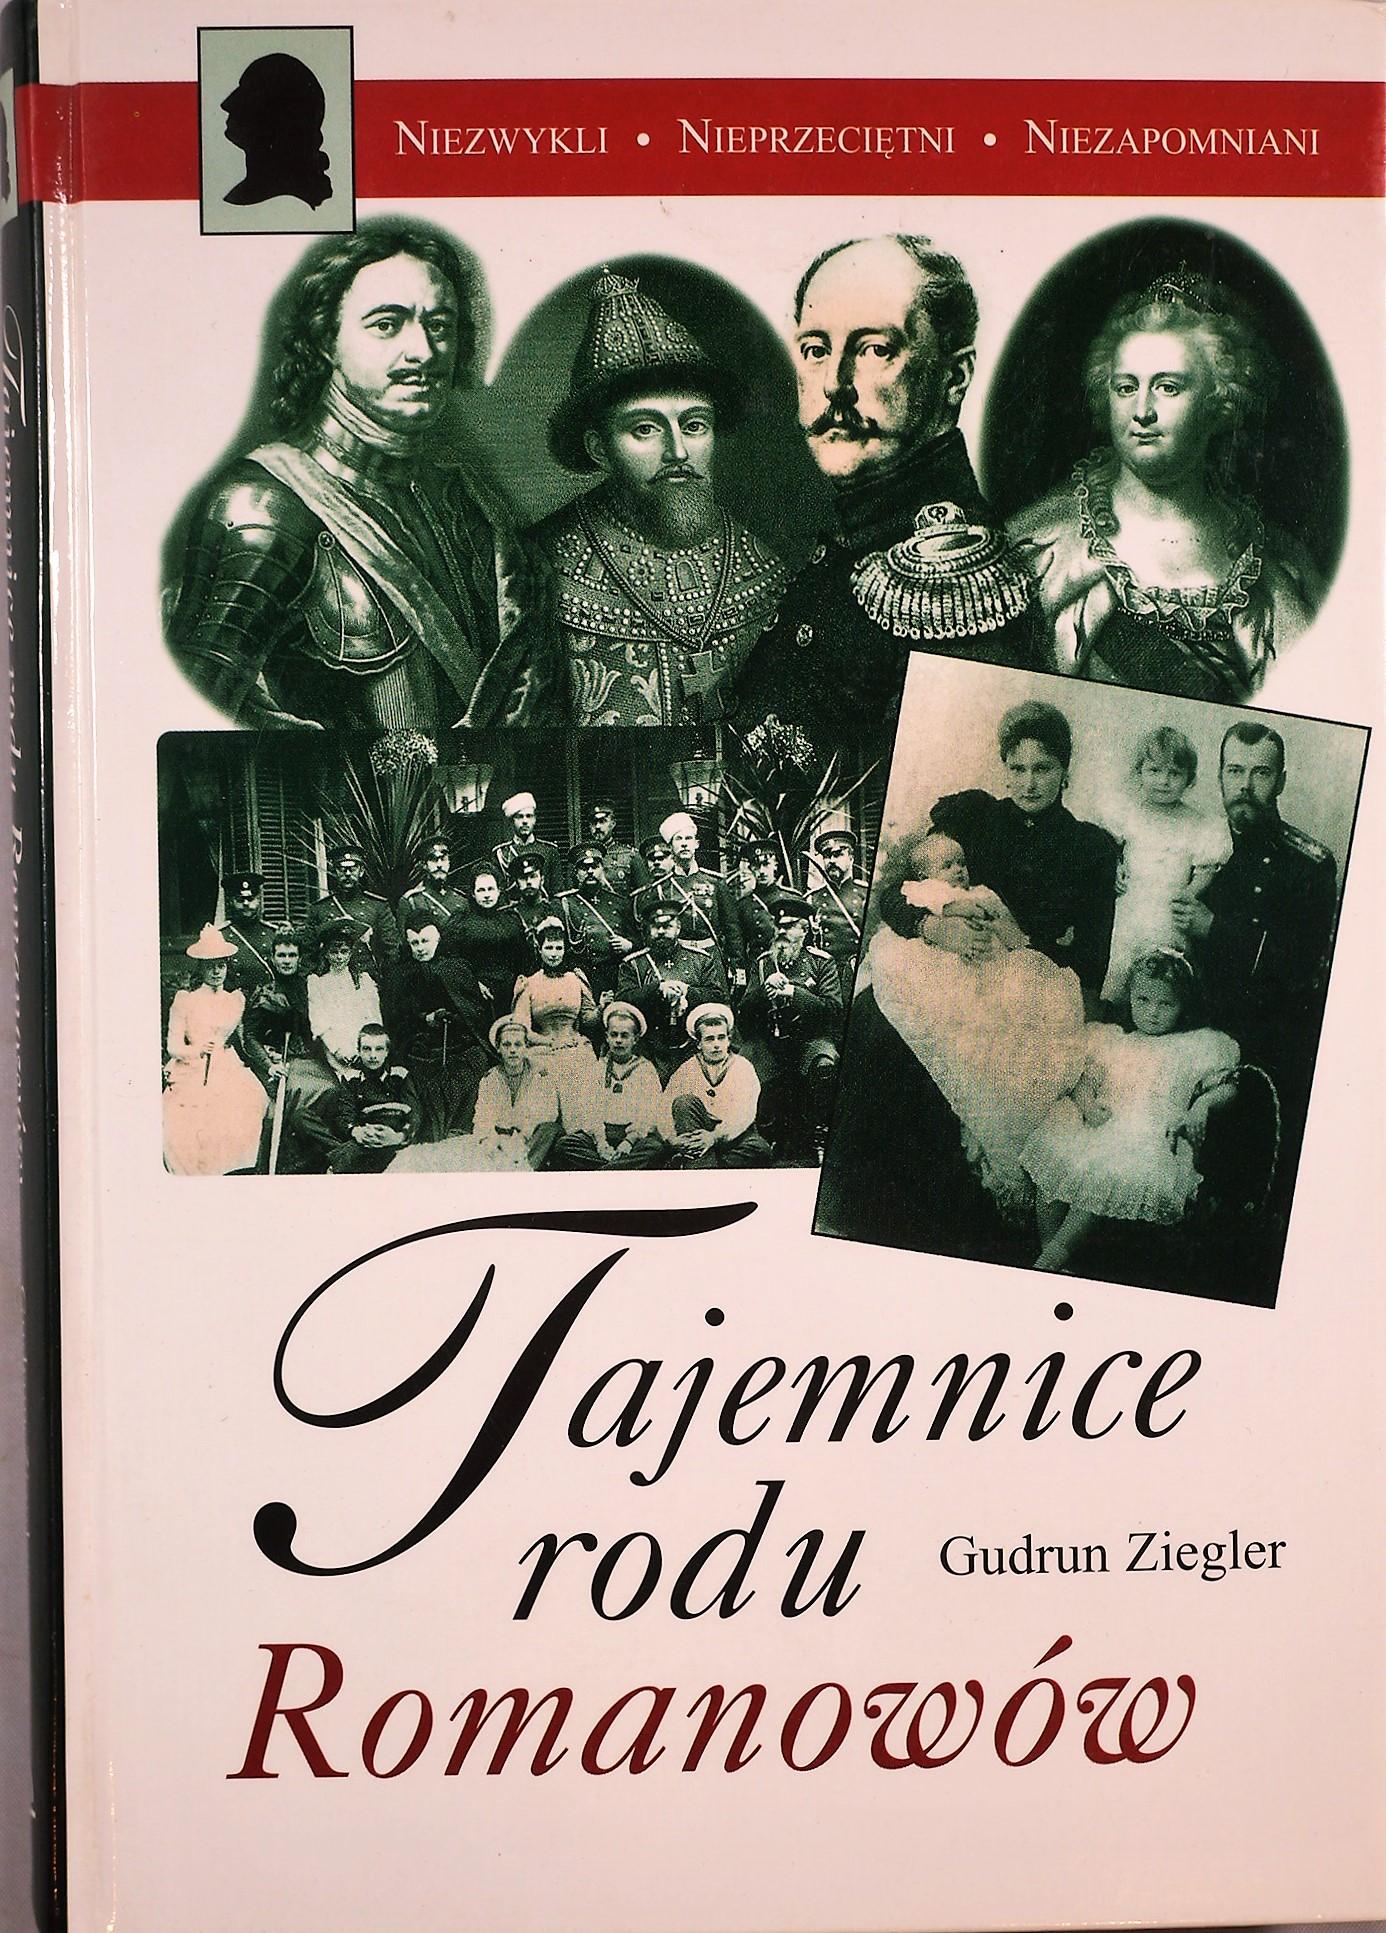 TAJEMNICE RODU ROMANOWÓW GUDRUN ZIEGLER